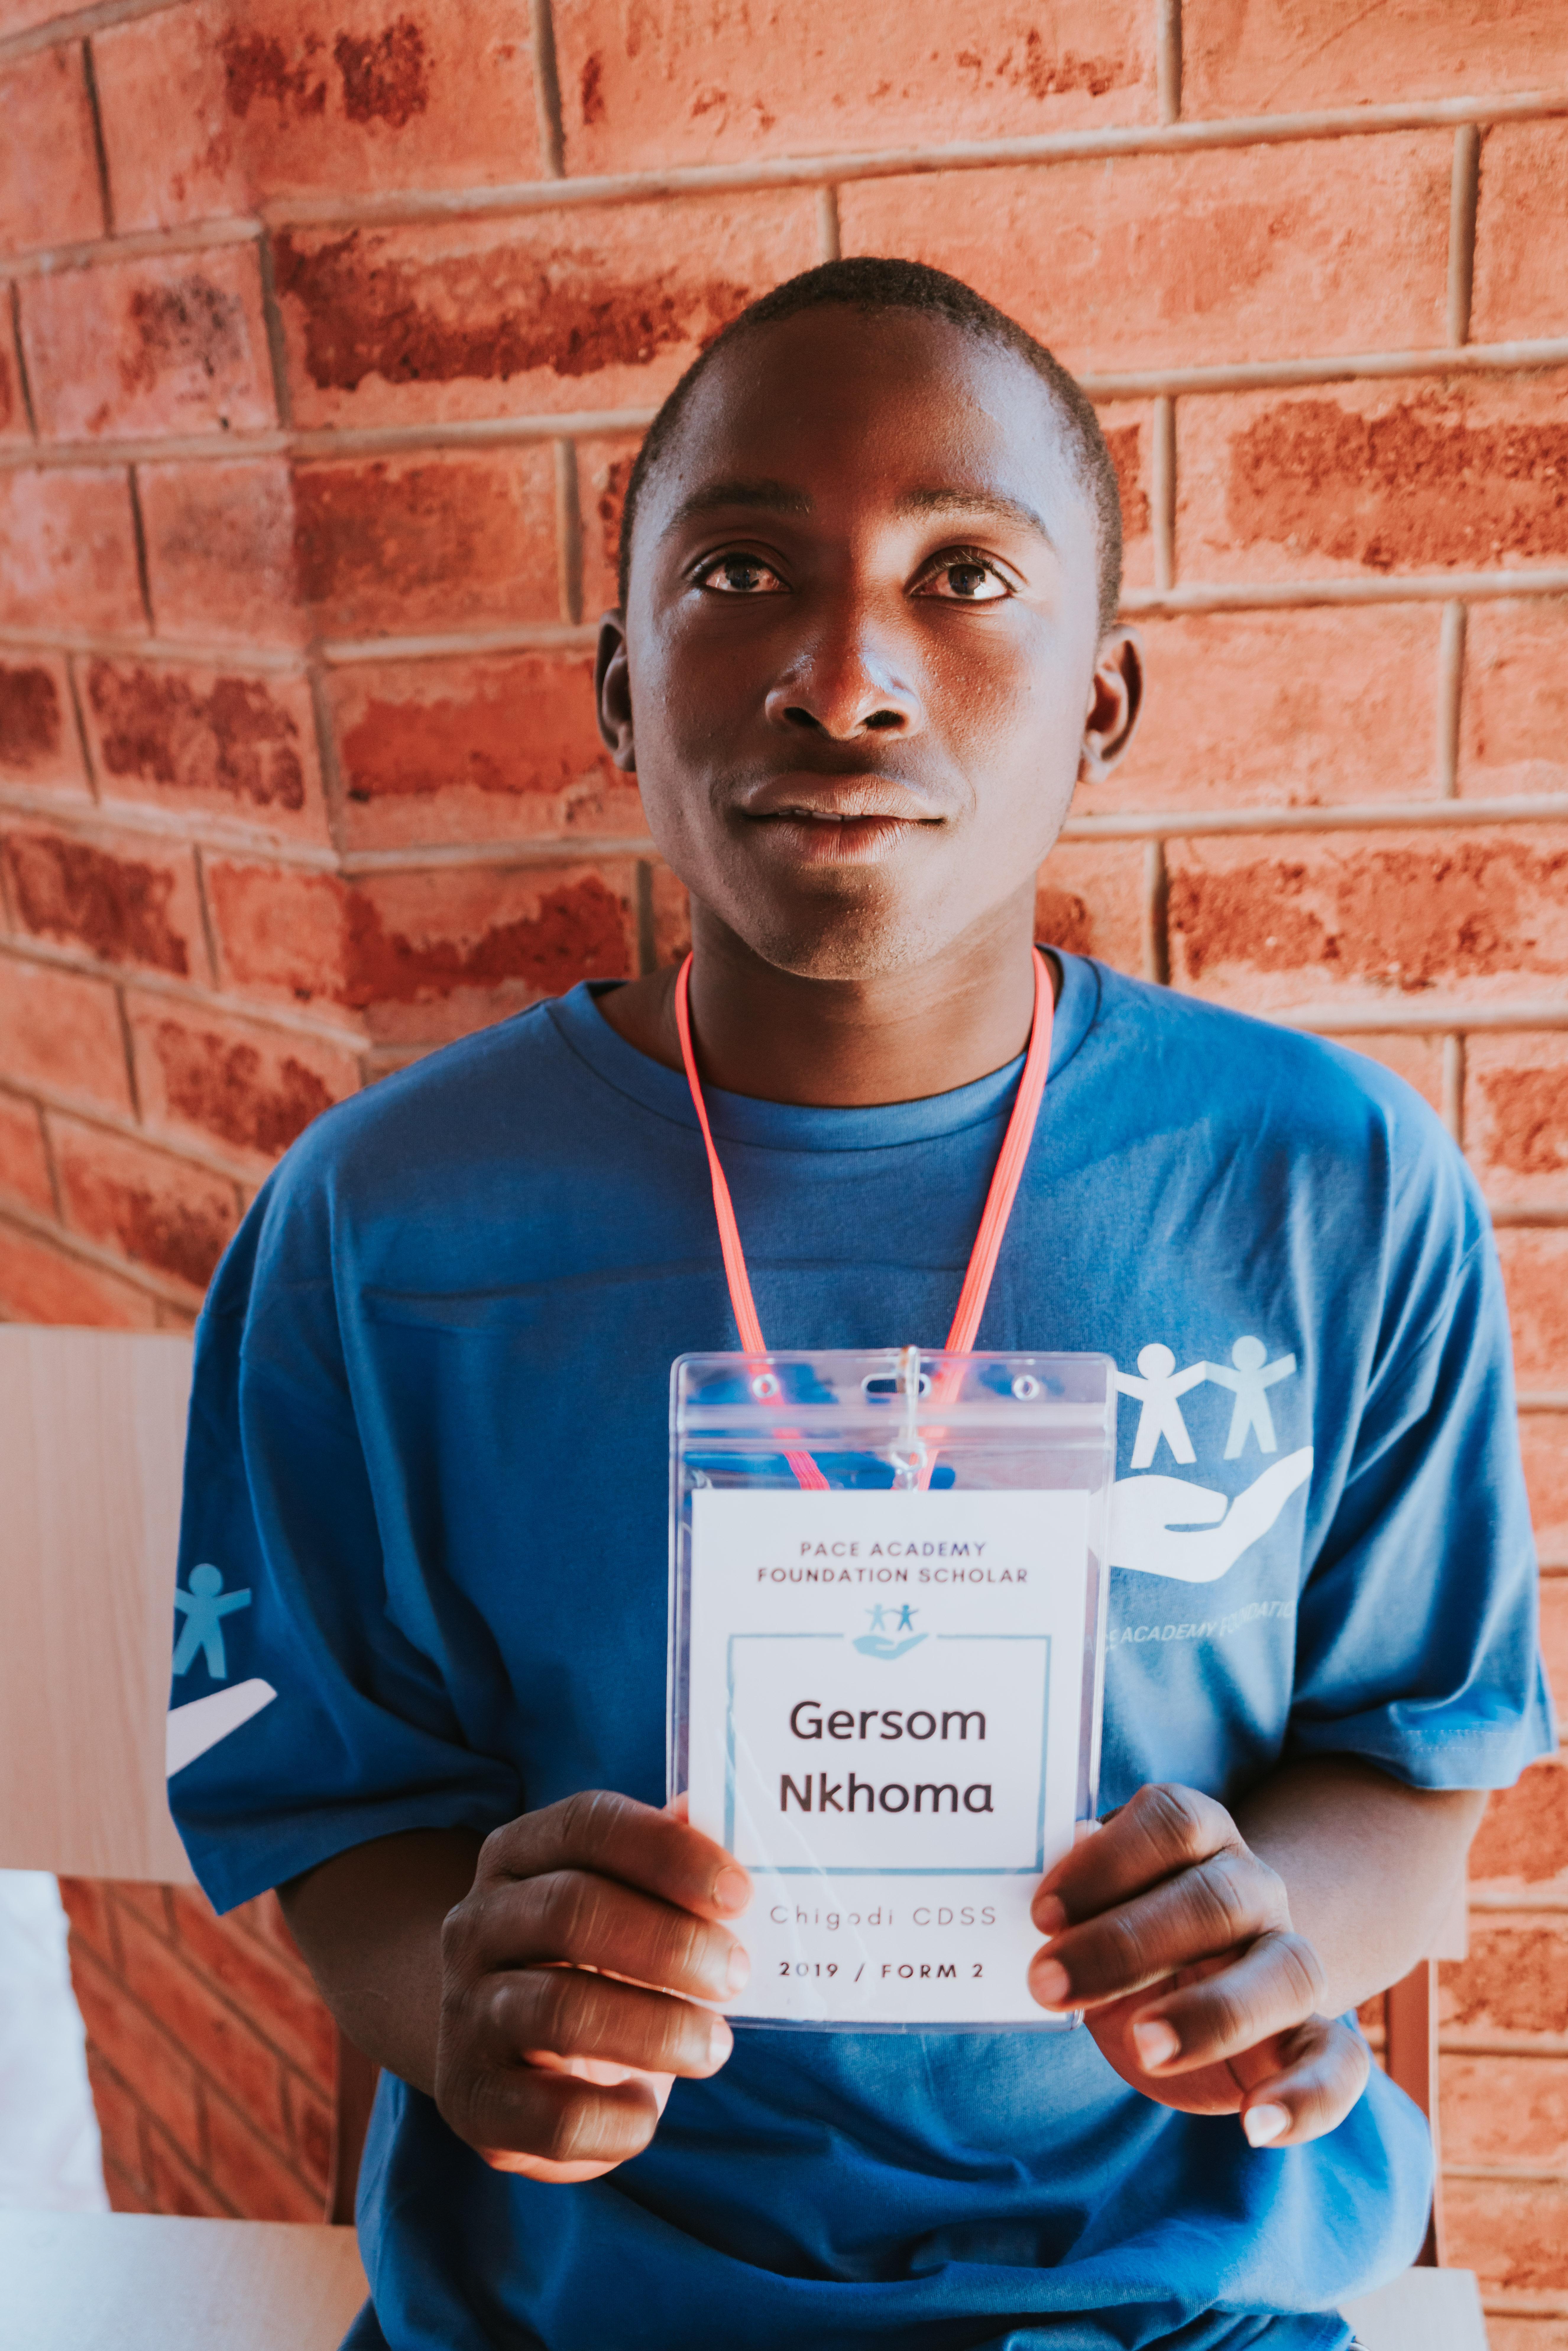 Gersom Nkhoma (Chigodi CDSS)